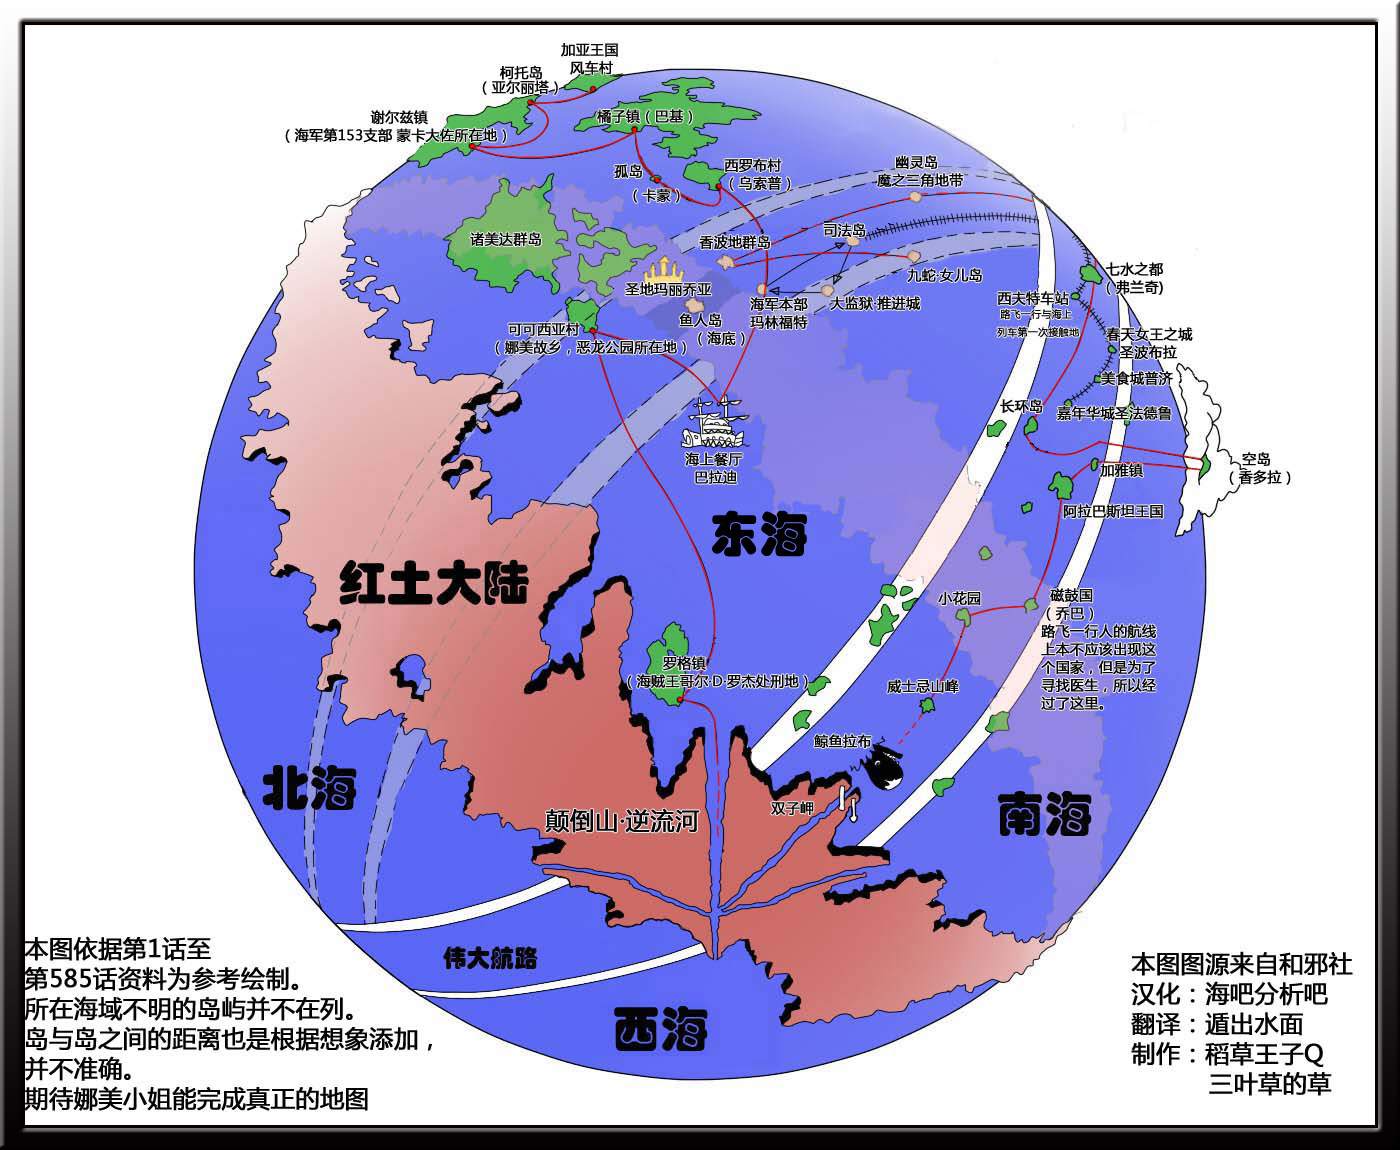 海贼世界地图01.jpg